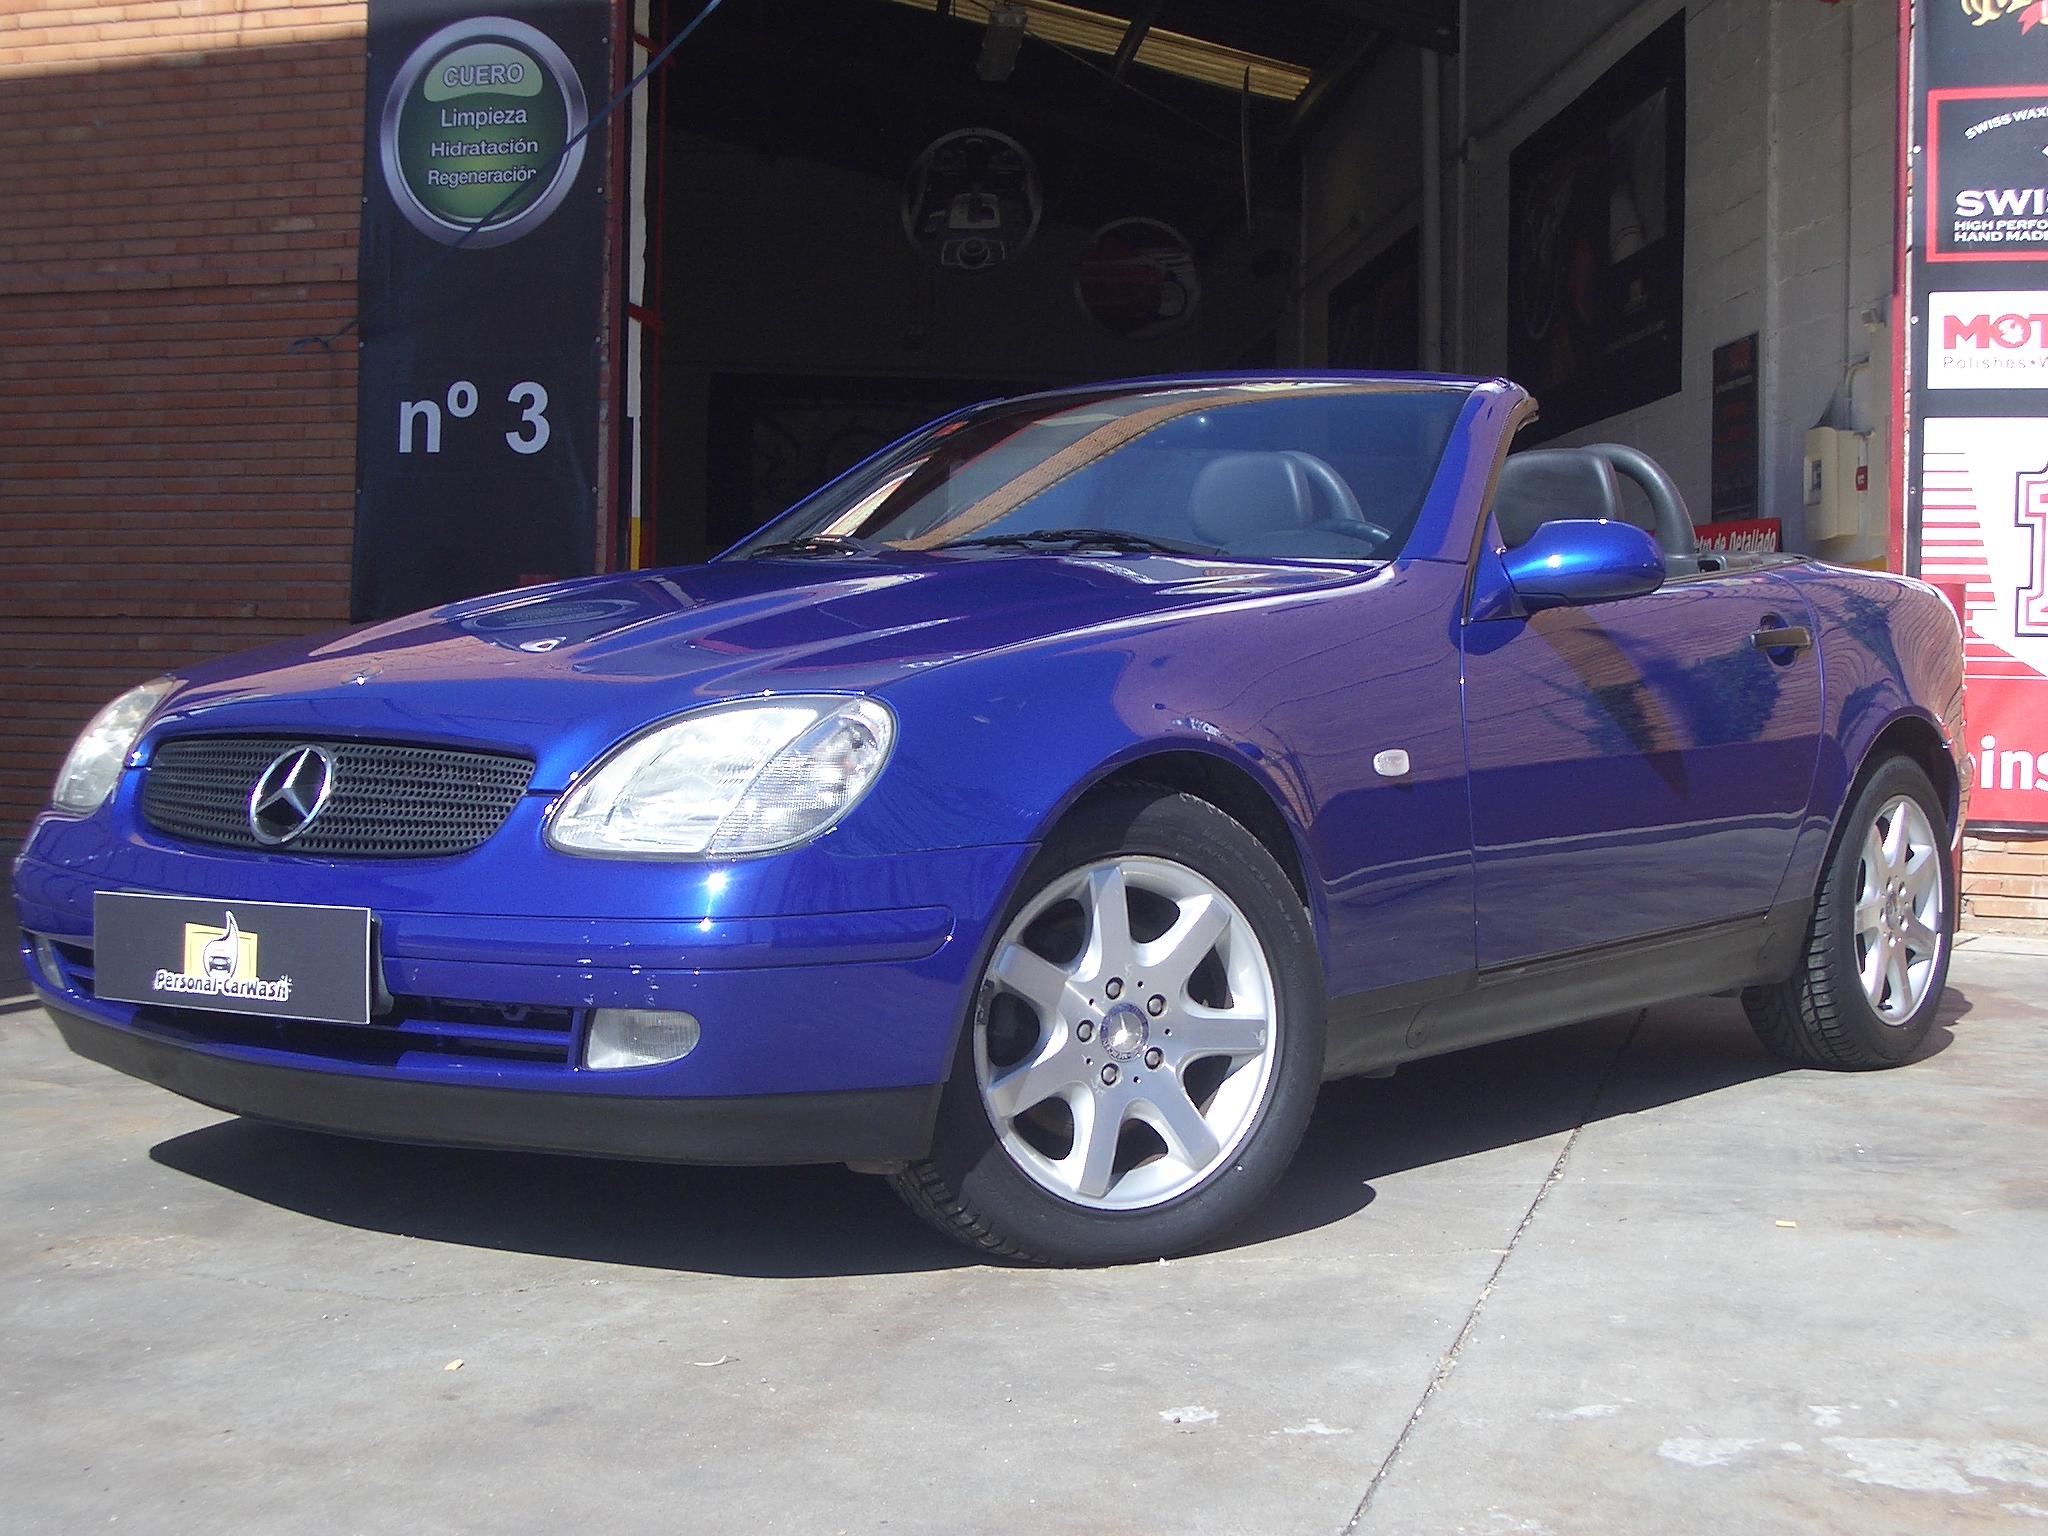 Mercedes SLK 230 Kompressor, Detallado Integral.